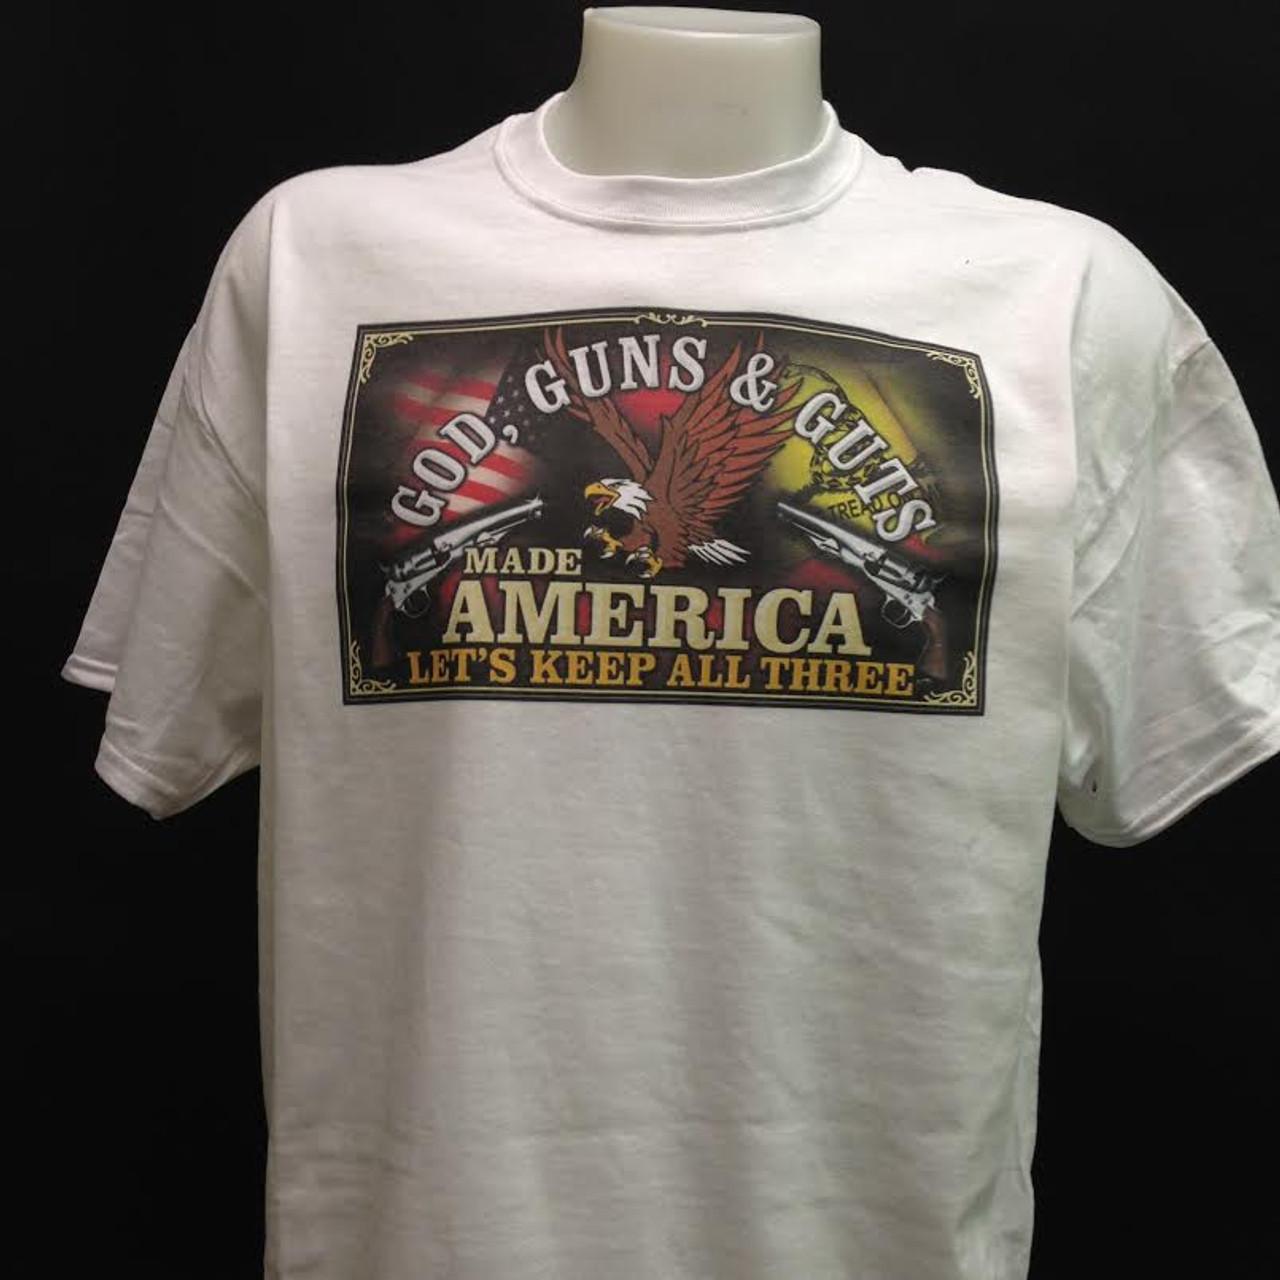 bf5843cf0 God, Guns & Guts Shirt and motorcycle shirts